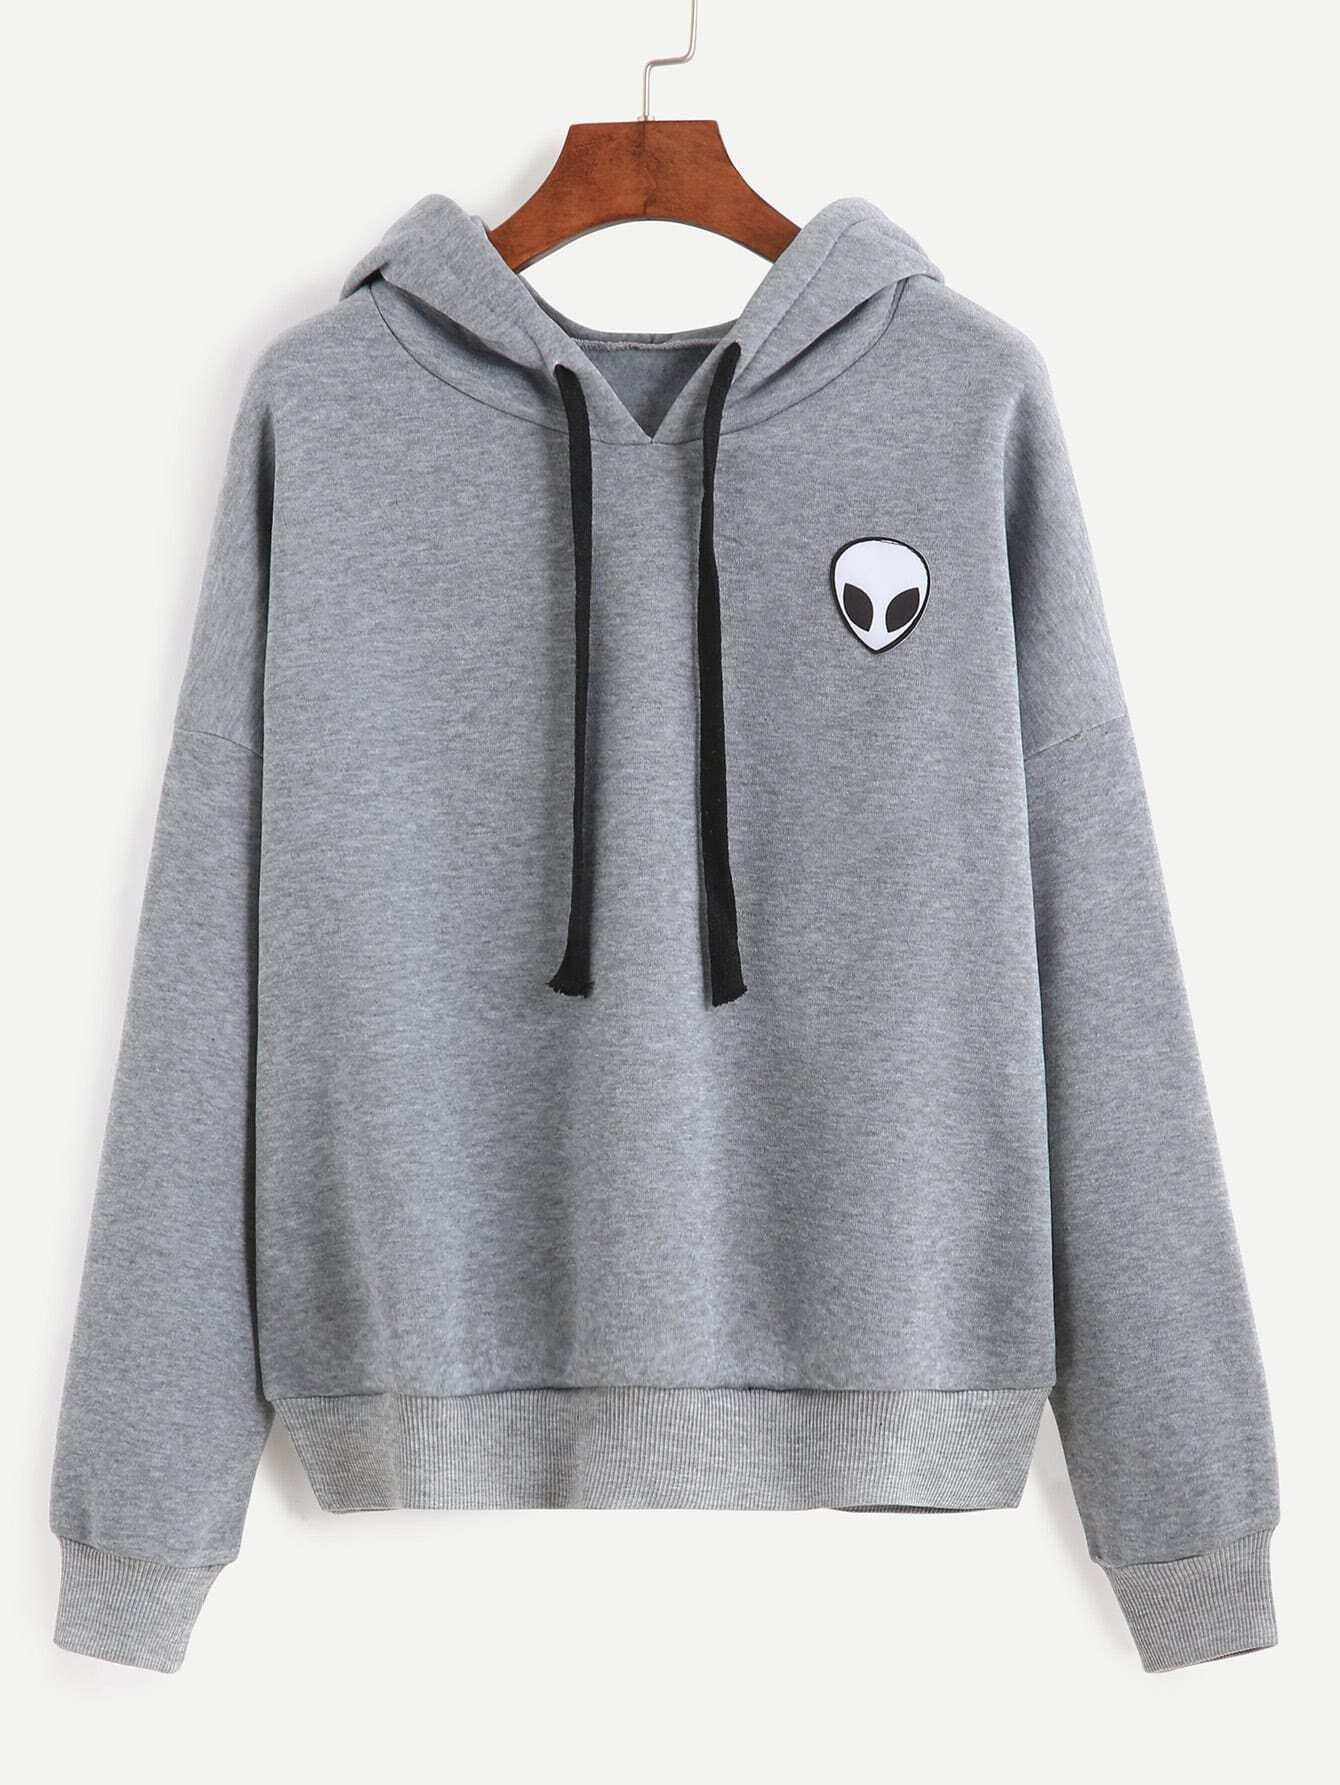 Alien Print Hooded Sweatshirt -SheIn(Sheinside)